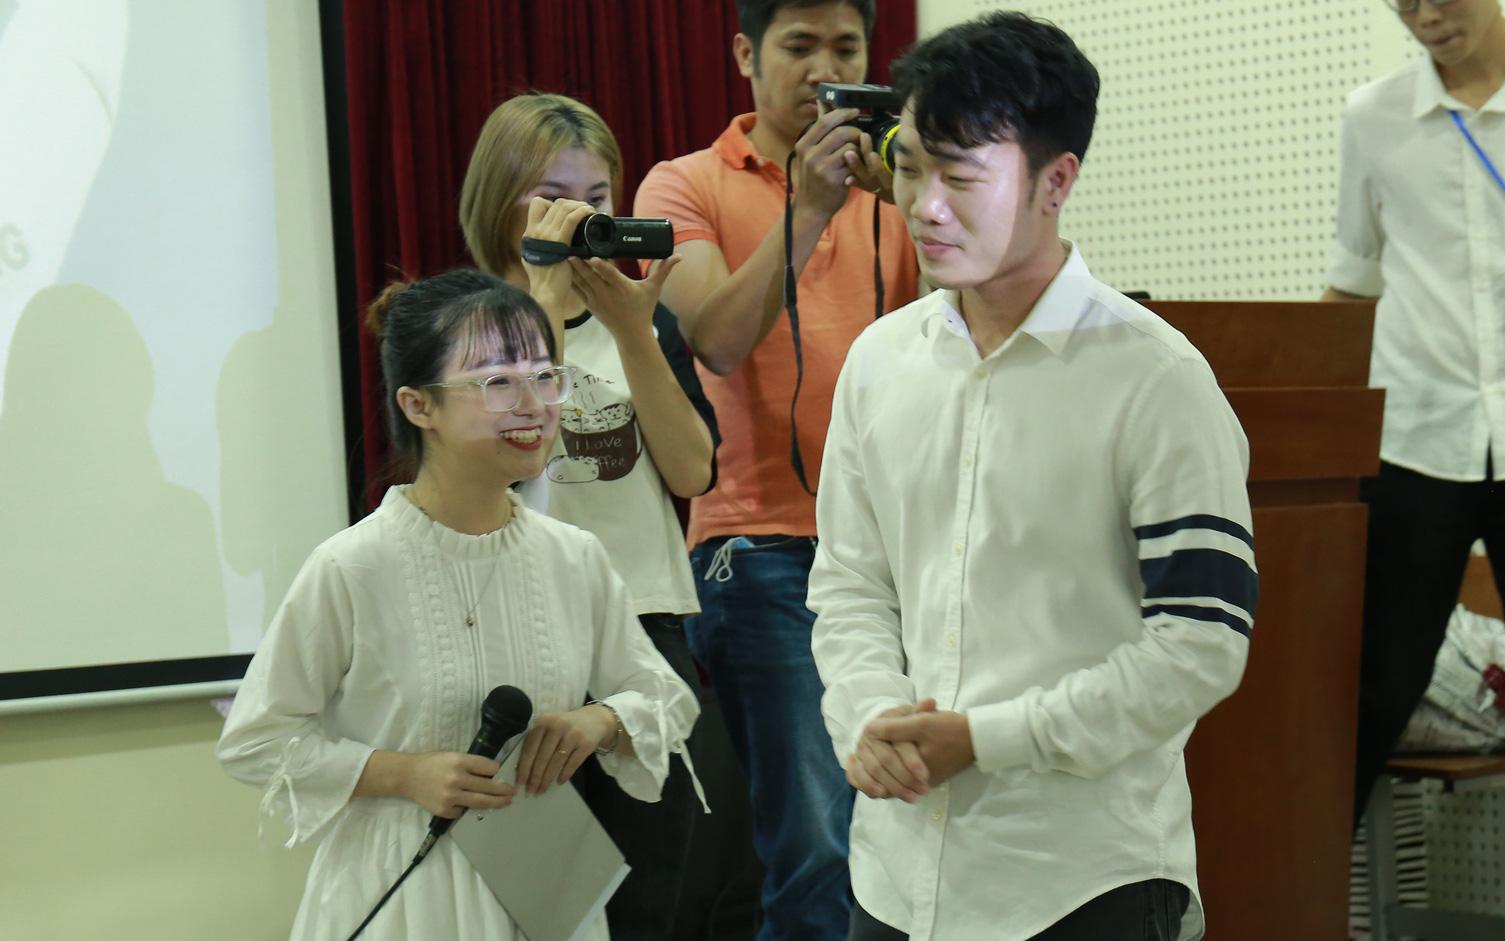 Nữ sinh Báo chí bất ngờ tỏ tình với Lương Xuân Trường giữa đám đông